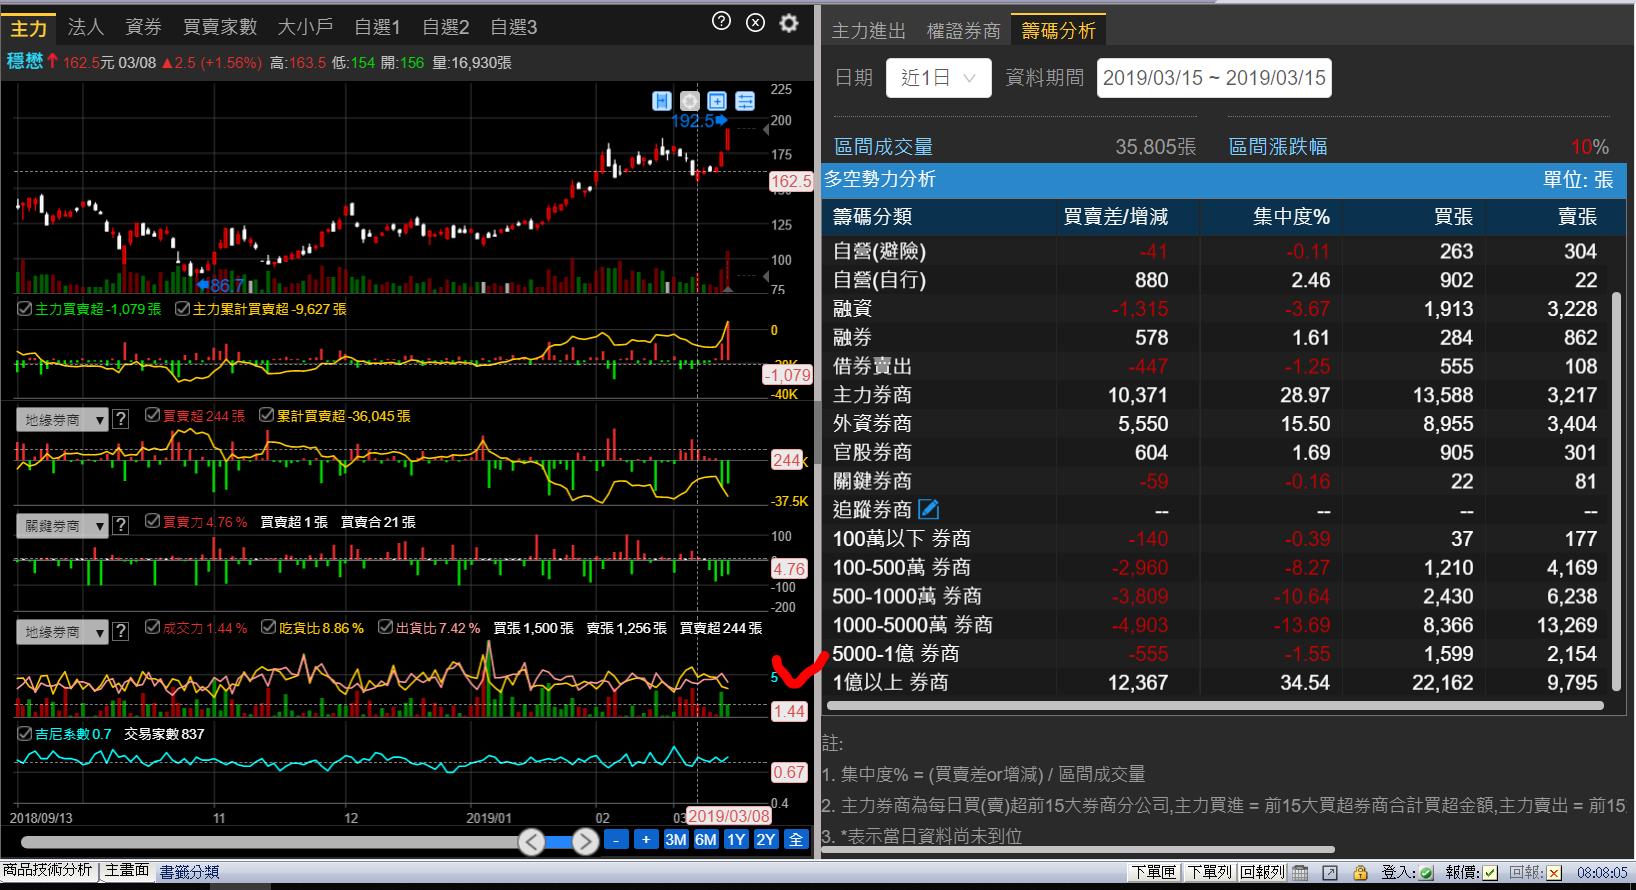 台股今日挑戰年線 (穩懋,聯茂), 光學股 ,高殖利率股 飆股抱波段賺比較多_02